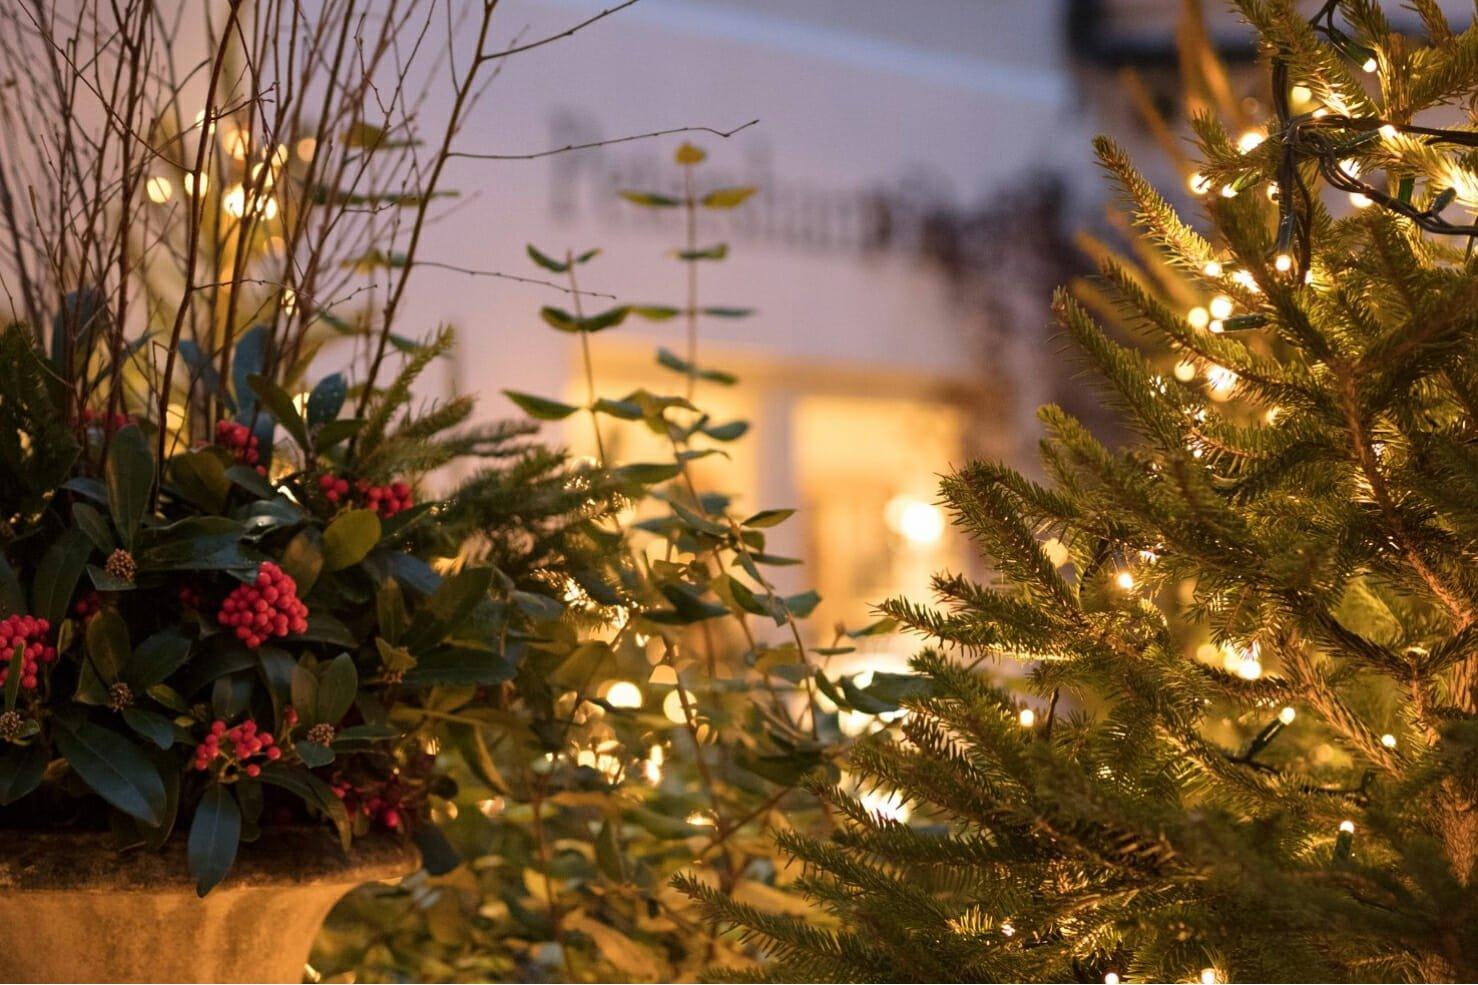 Petersham Nurseries Carols